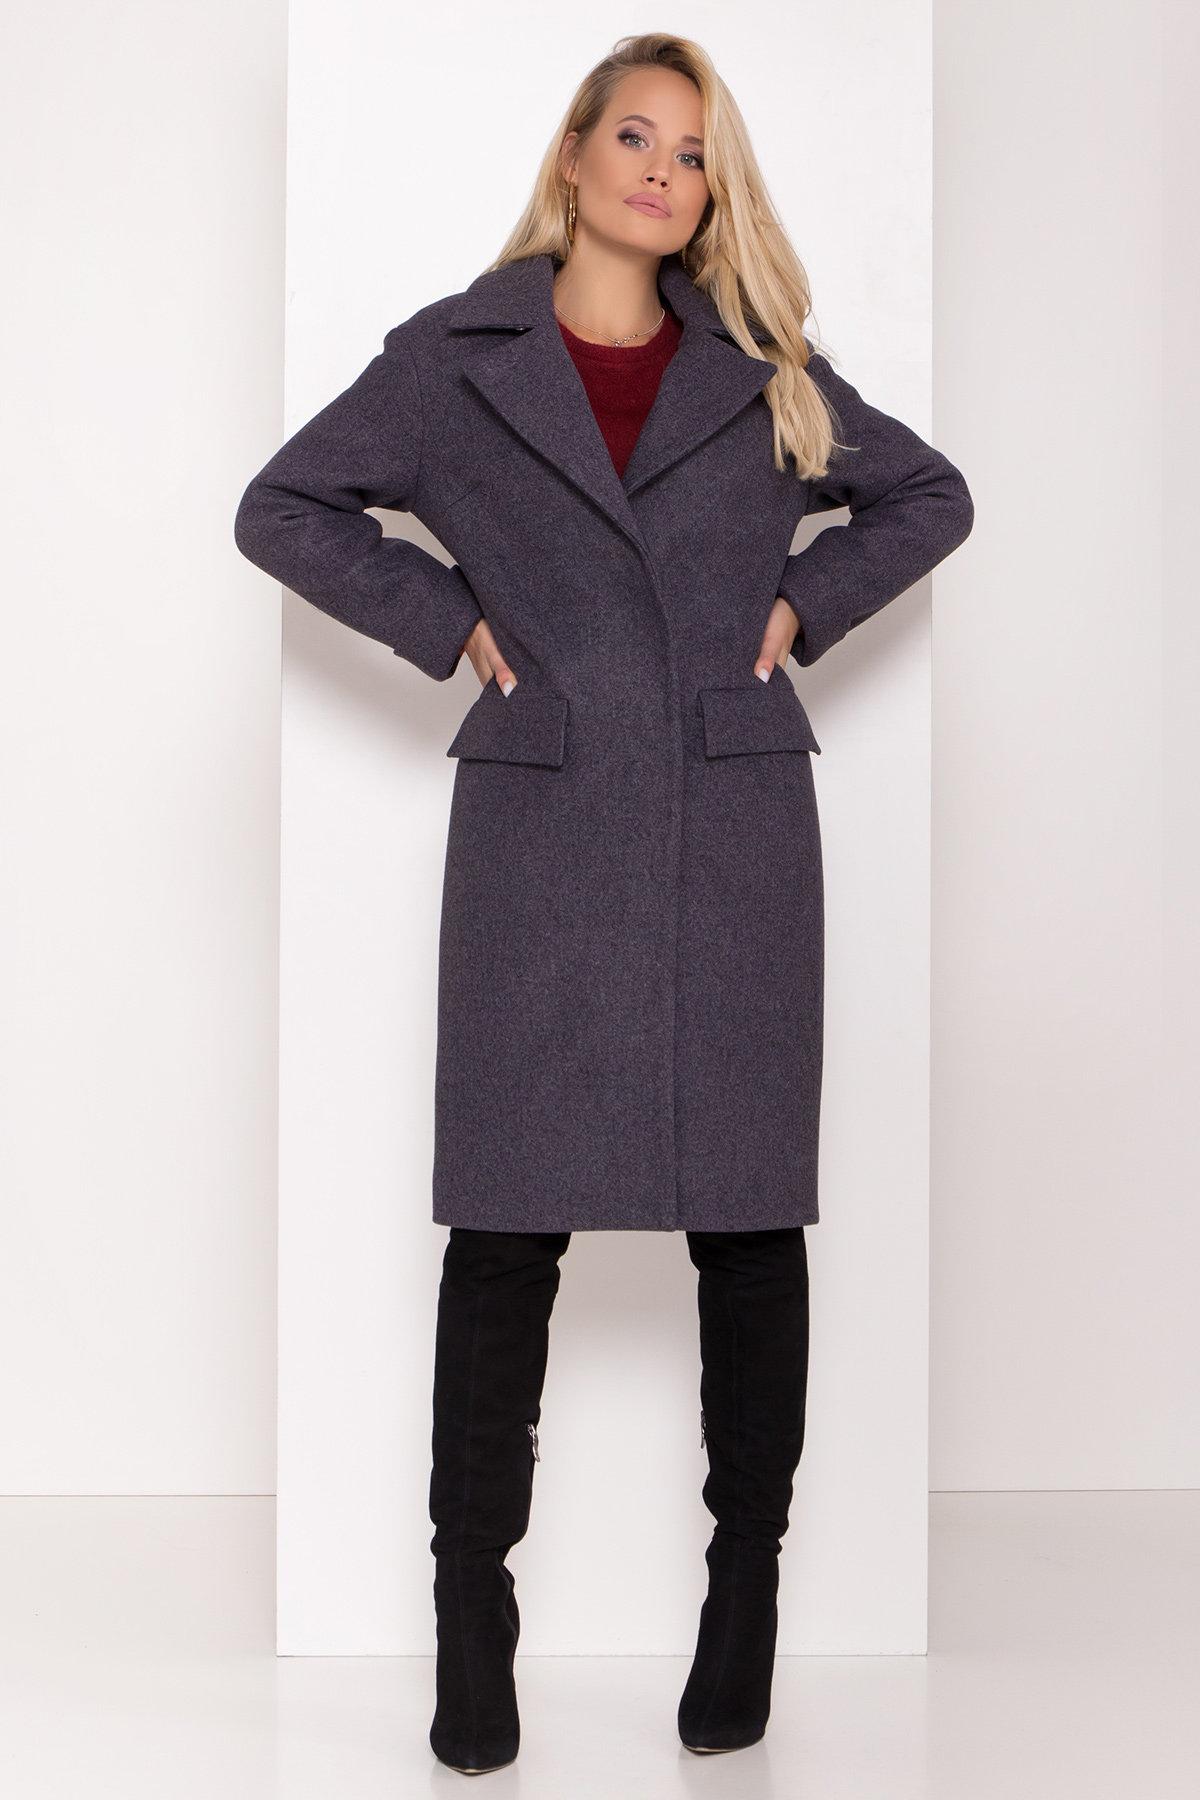 Зимнее пальто с отложным воротником Моле 8085 АРТ. 44036 Цвет: Т.синий 543 - фото 4, интернет магазин tm-modus.ru